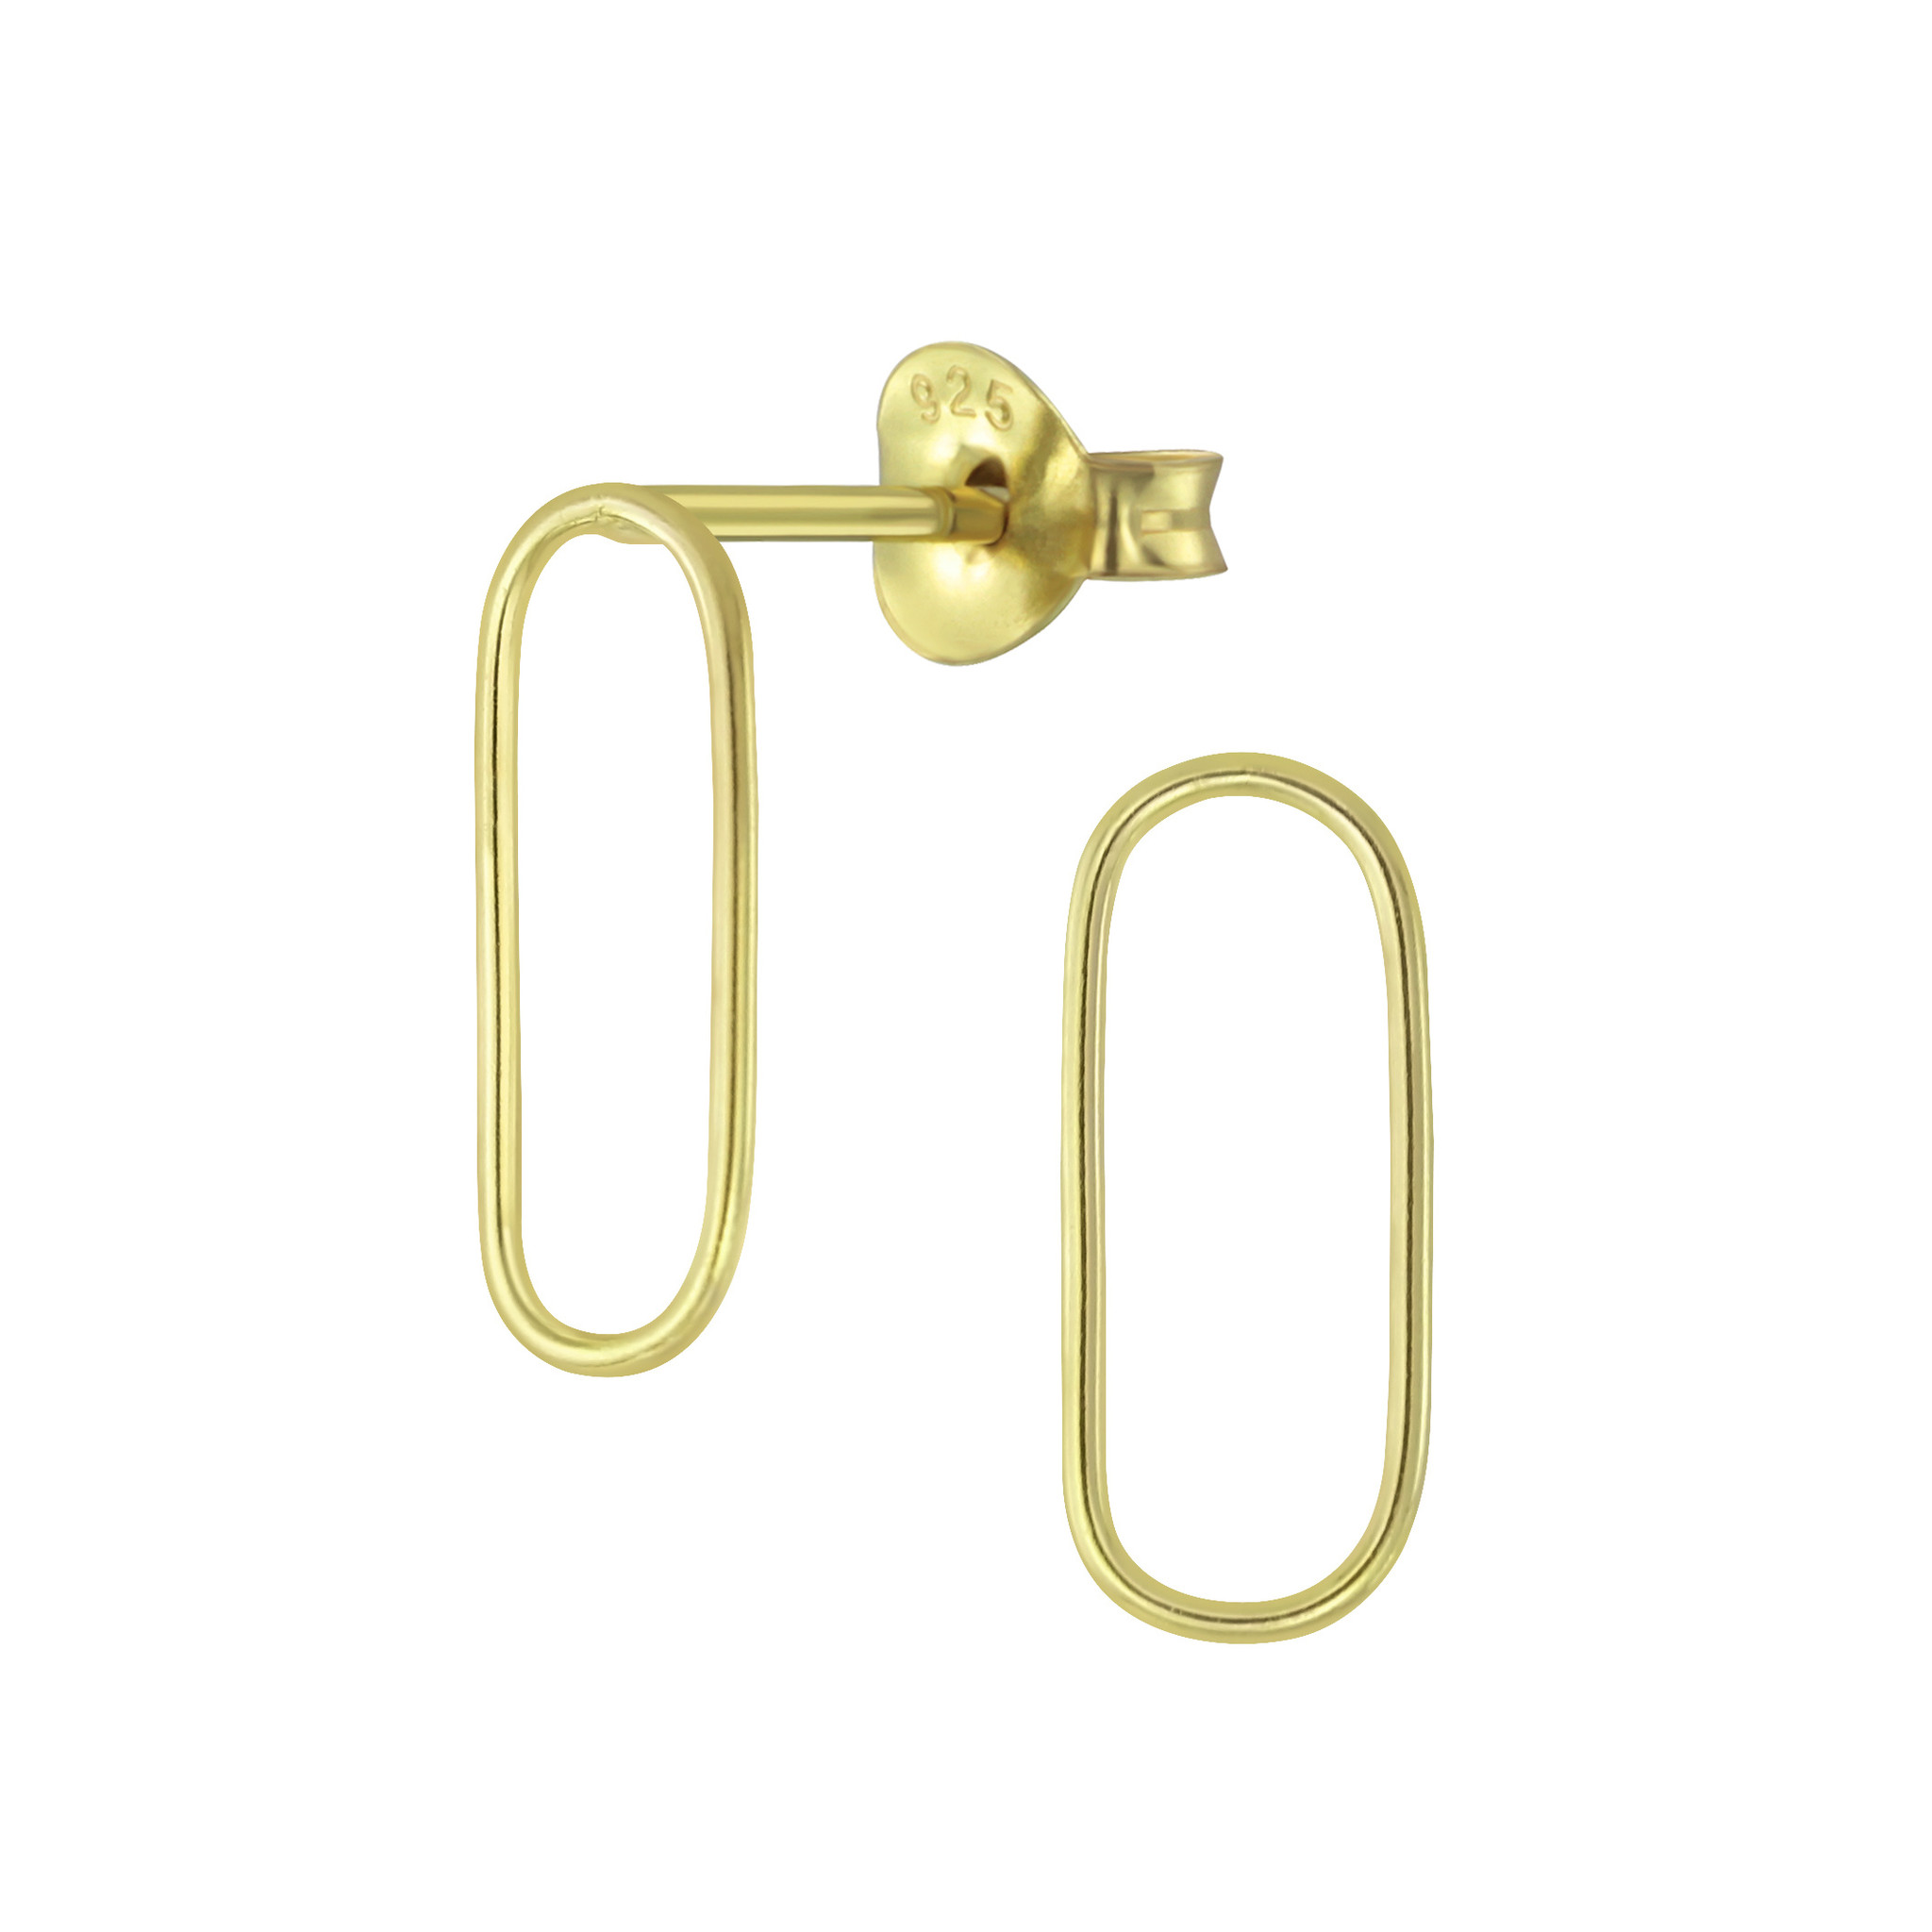 Fine Ear Studs Oval - 925 Sterling Silver - Gold-1